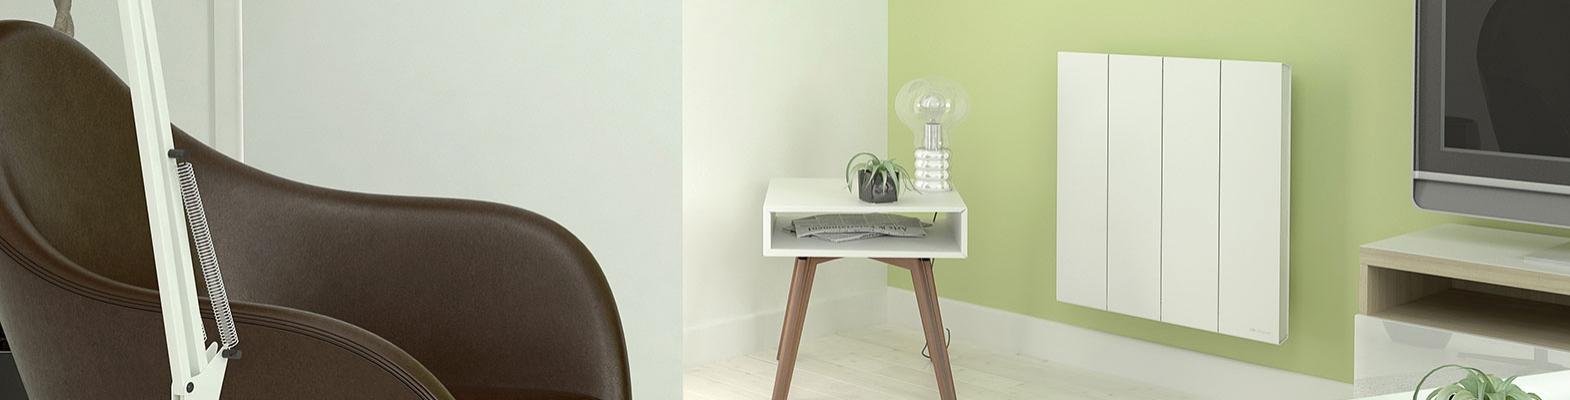 radiateur electrique meilleur